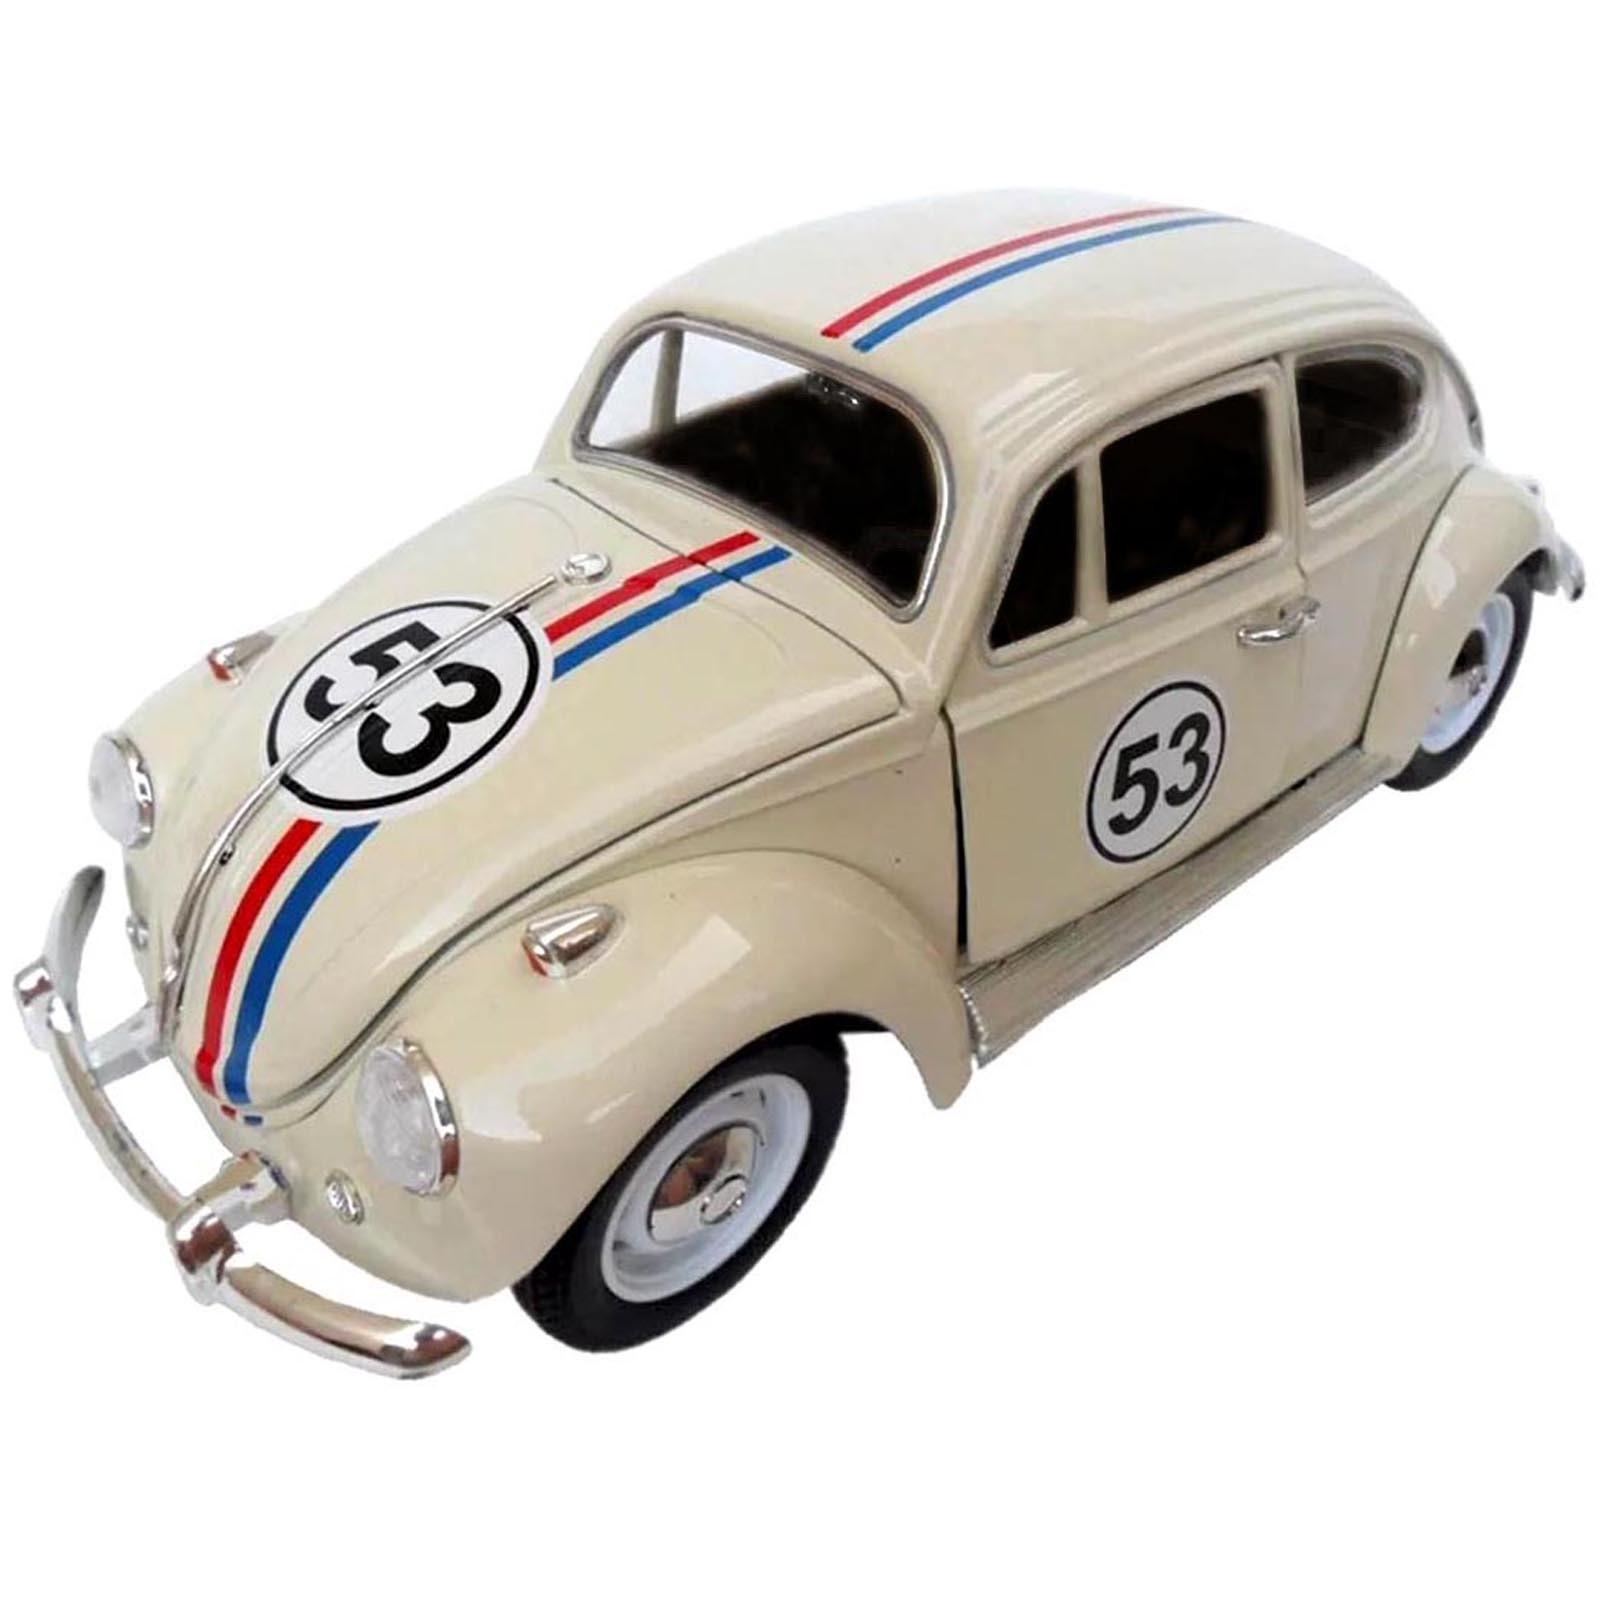 Miniatura - 1:34 - Volkswagen Bettle Fusca Herbie